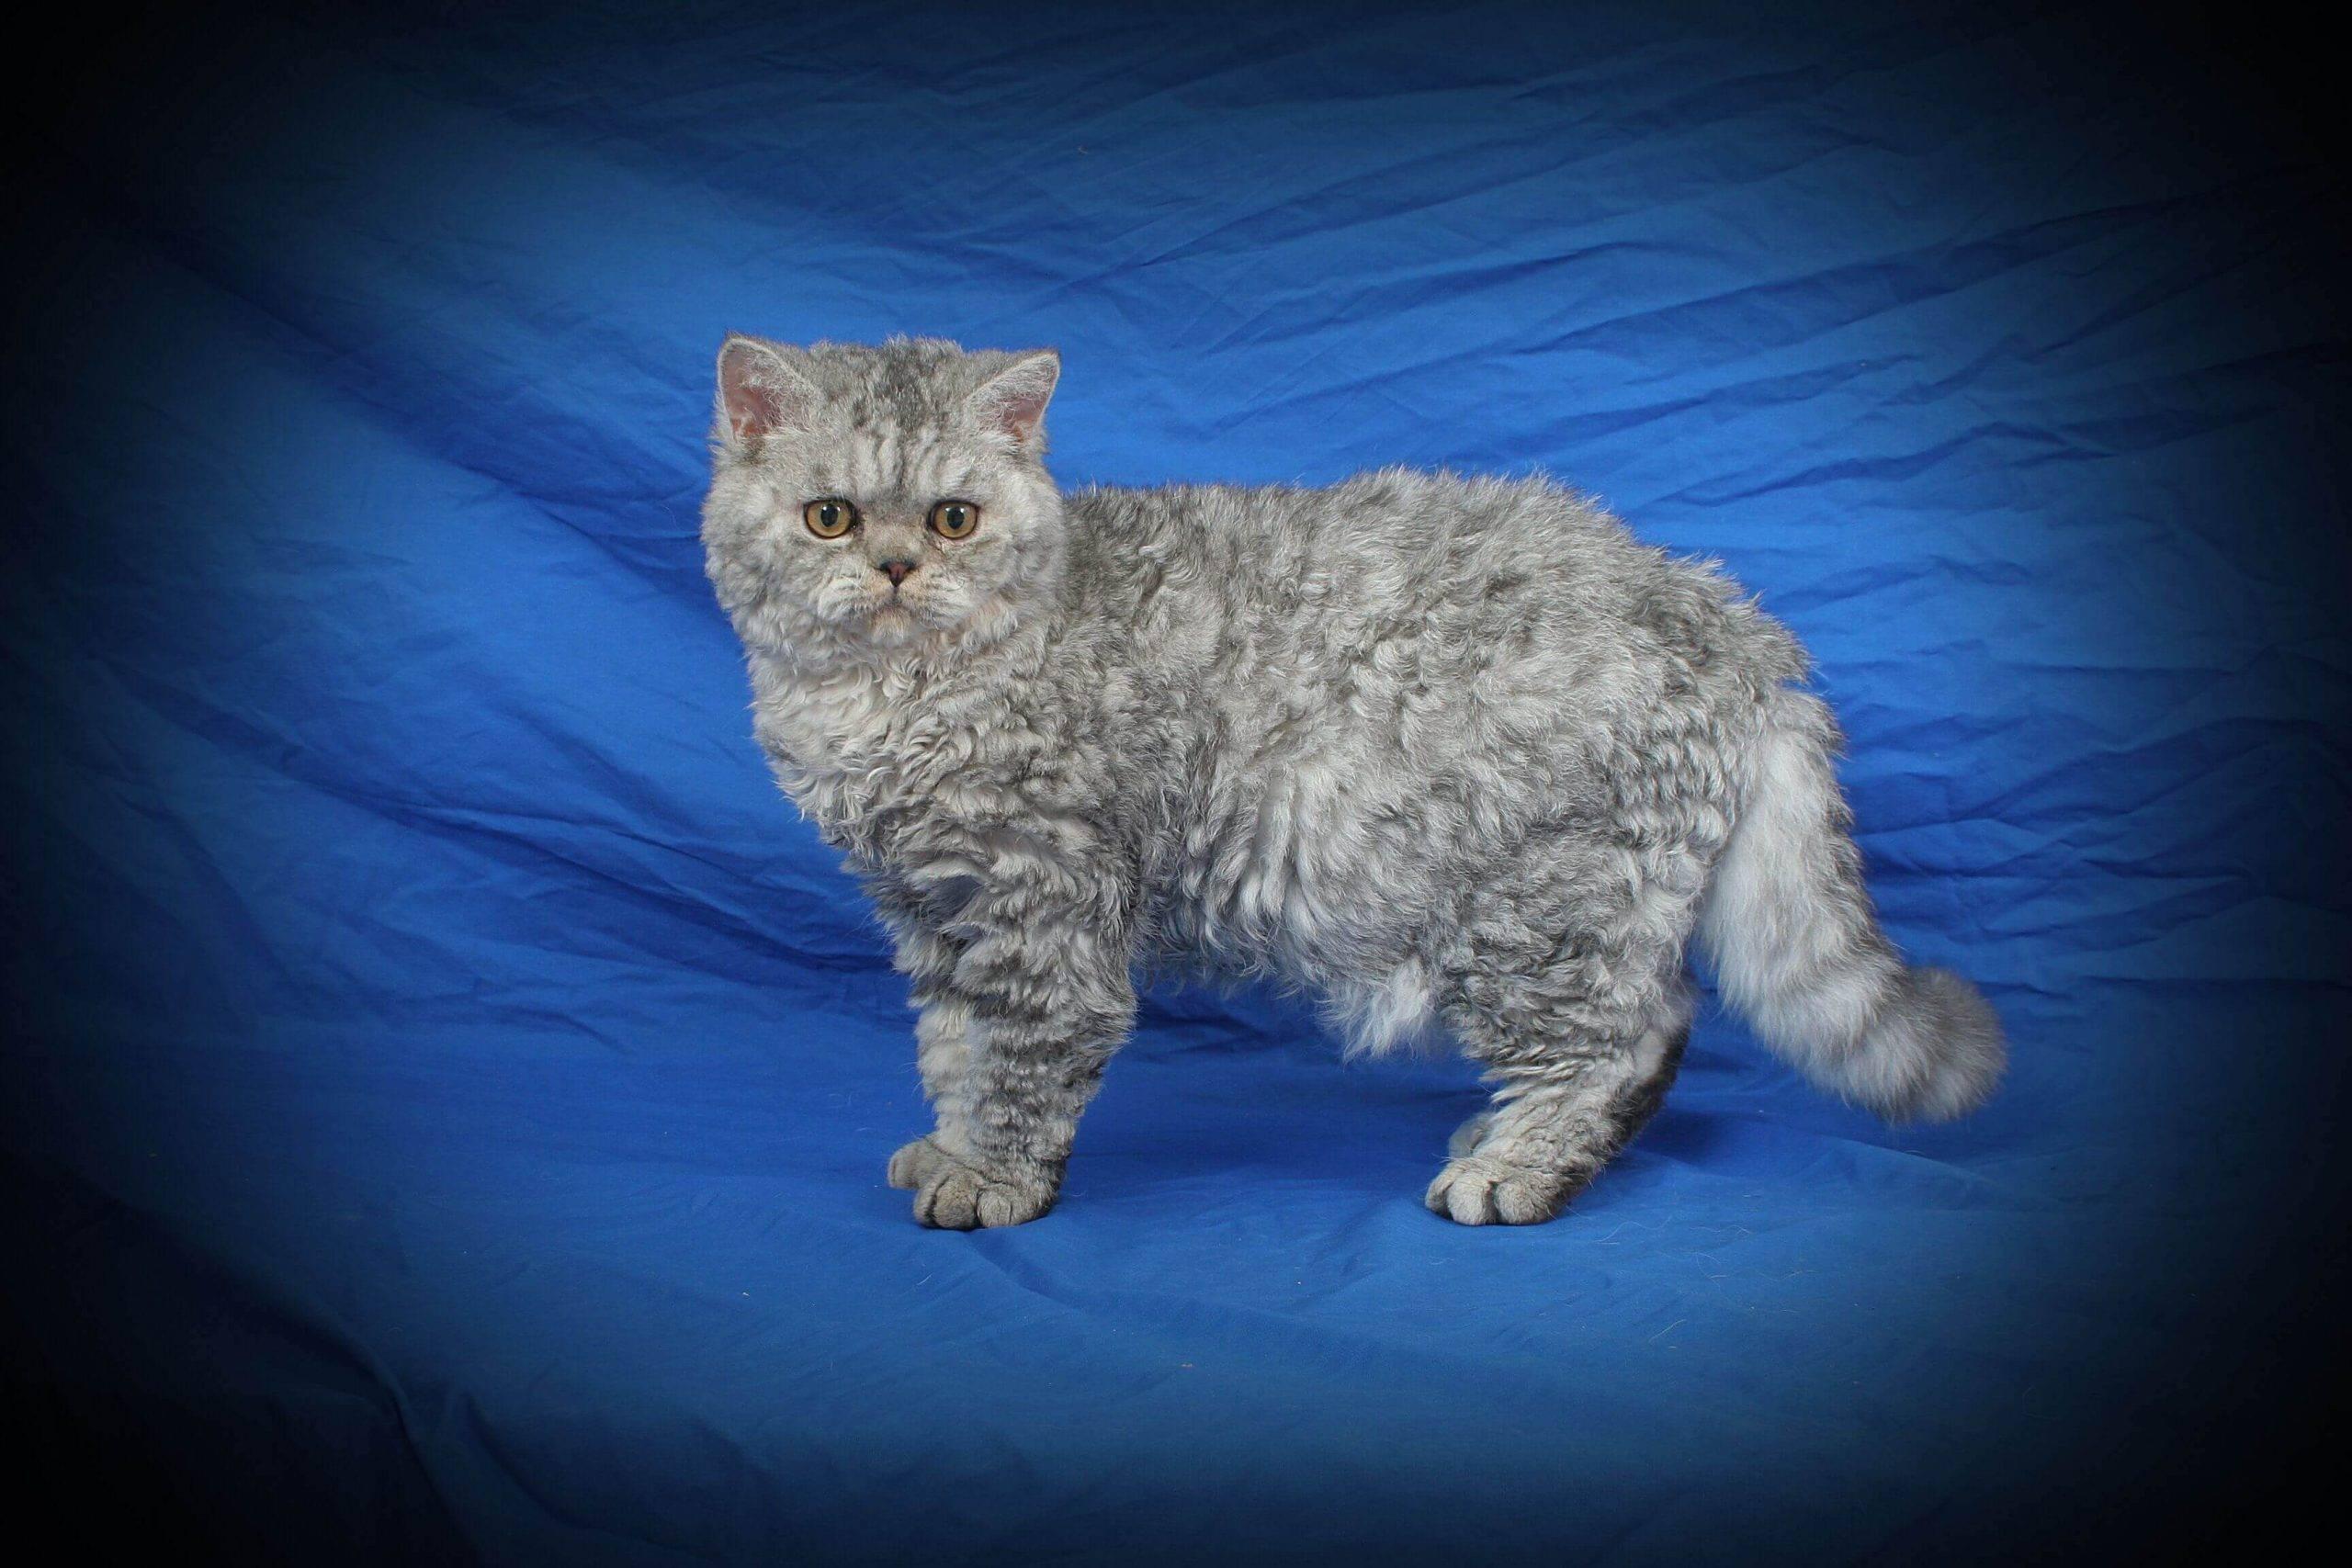 Уральский рекс кошка: подробное описание, фото, купить, видео, цена, содержание дома